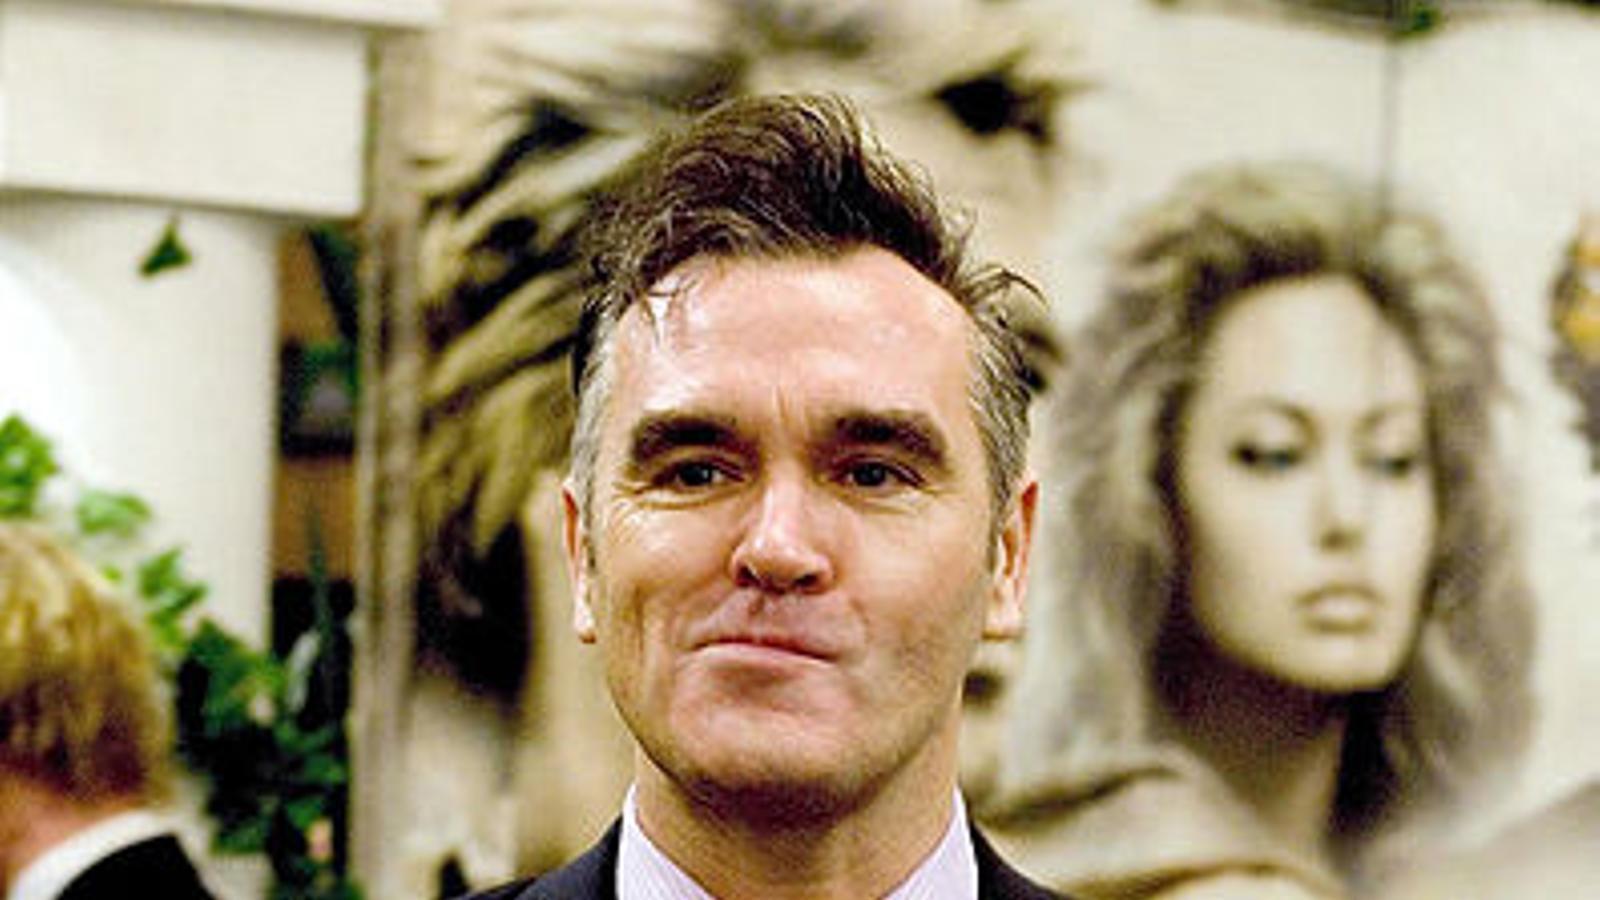 Morrissey et porta al llit amb el seu nou single